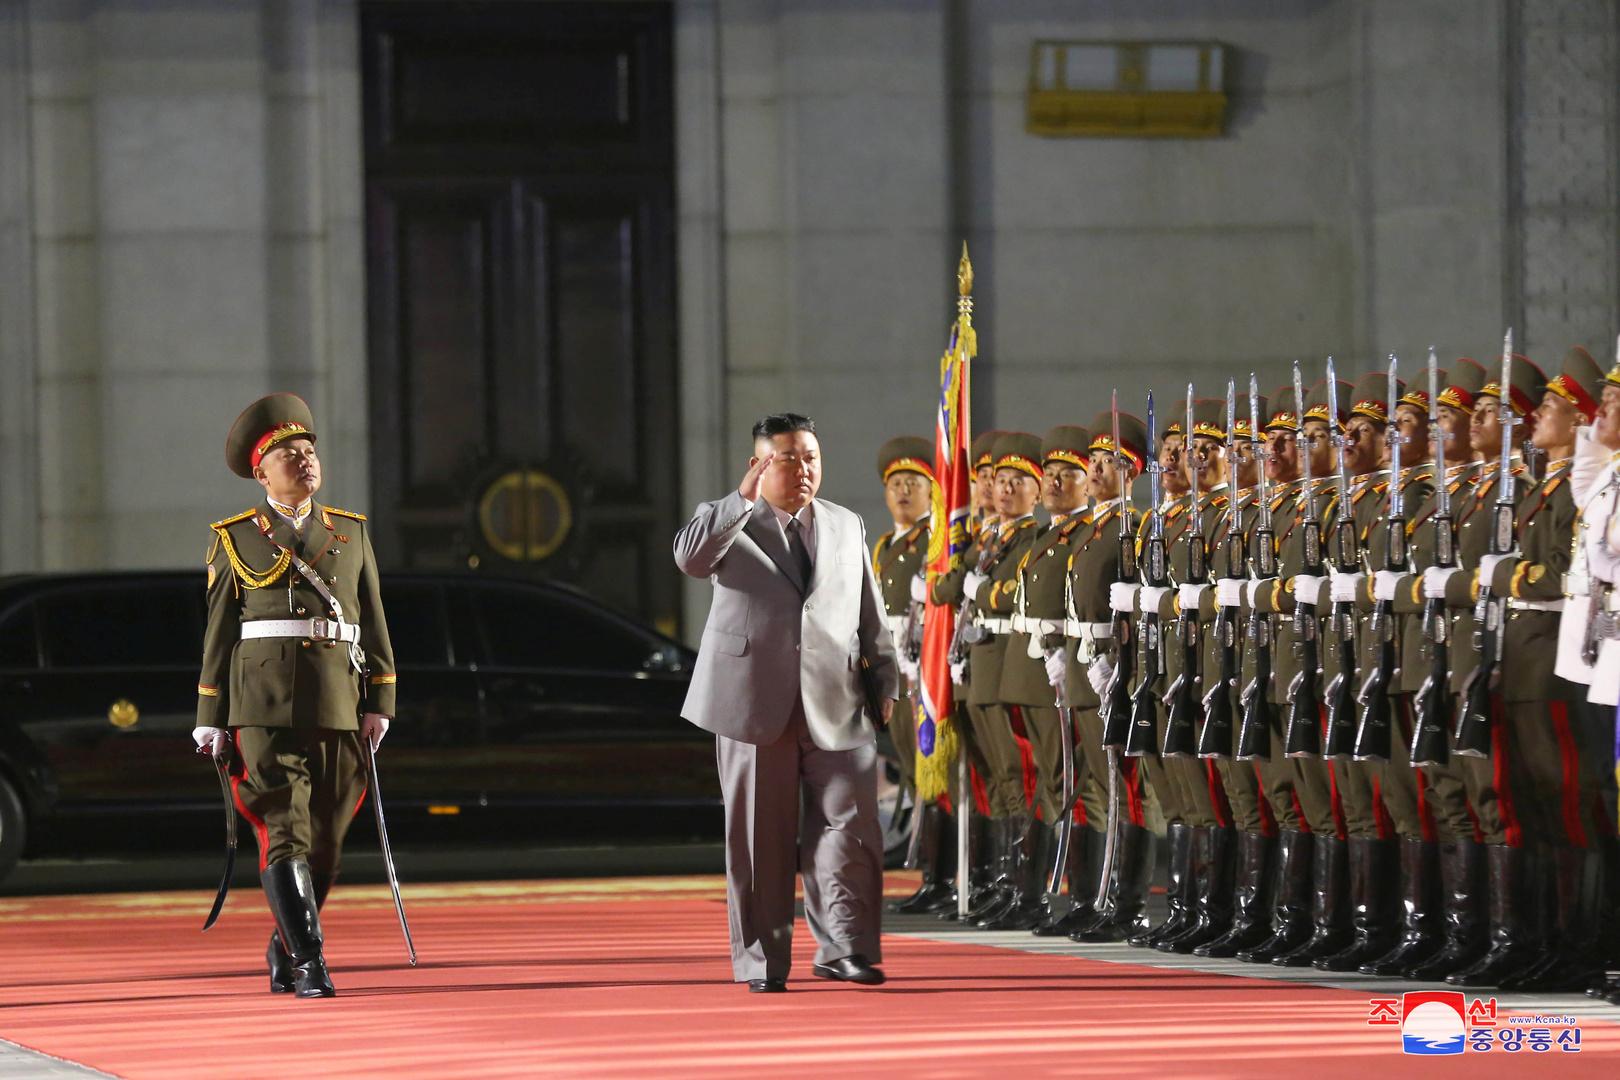 كوريا الشمالية تقوم باستعراض عسكري منتصف الليل!